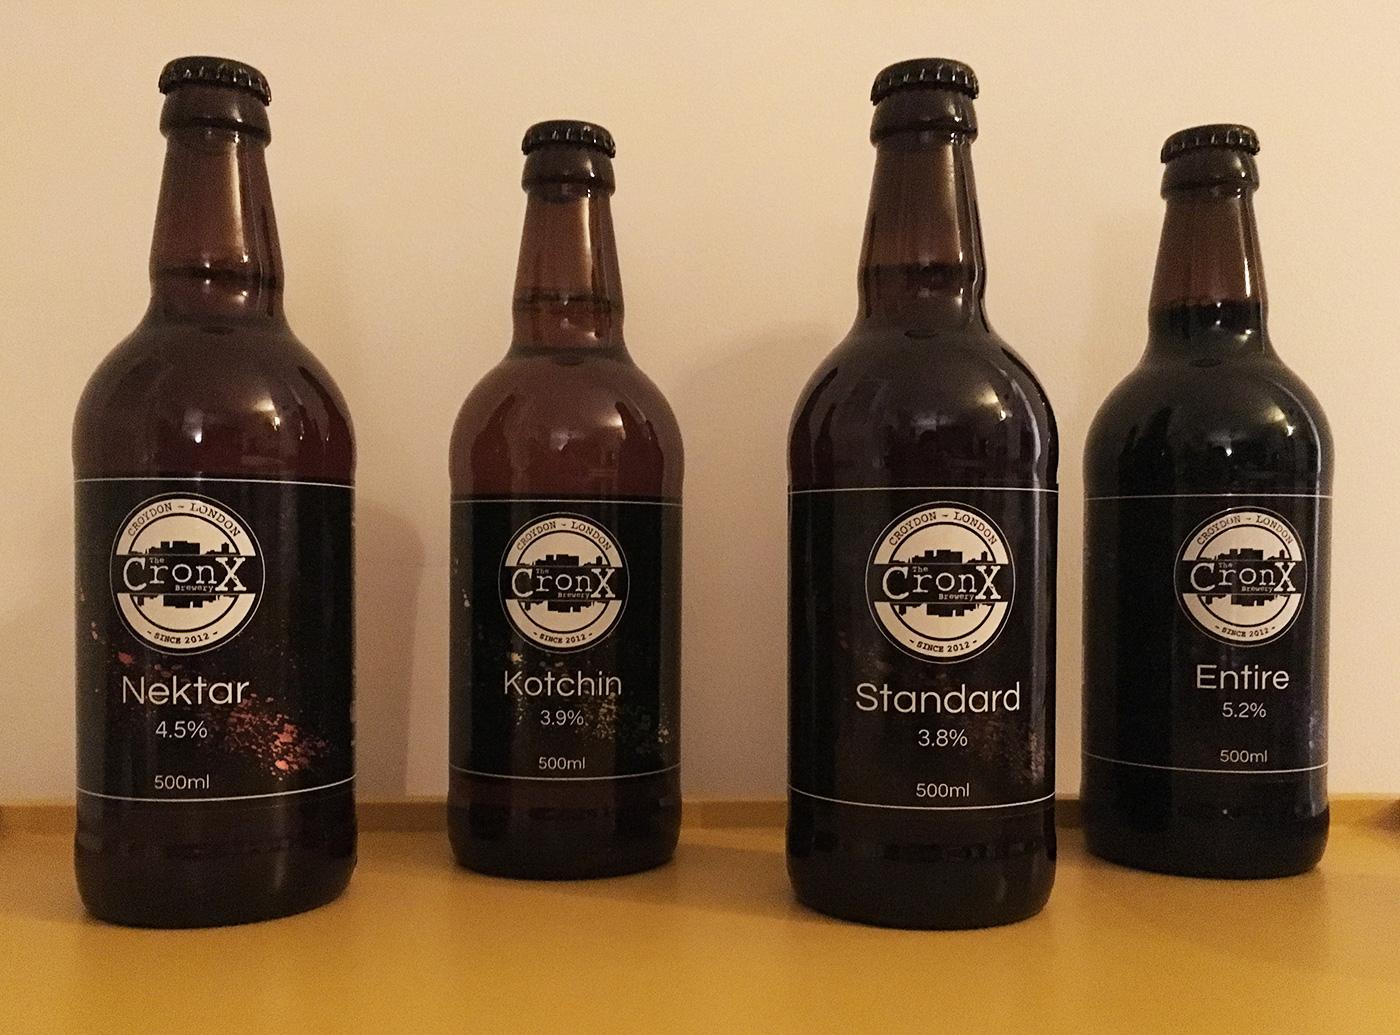 Cronx Brewery